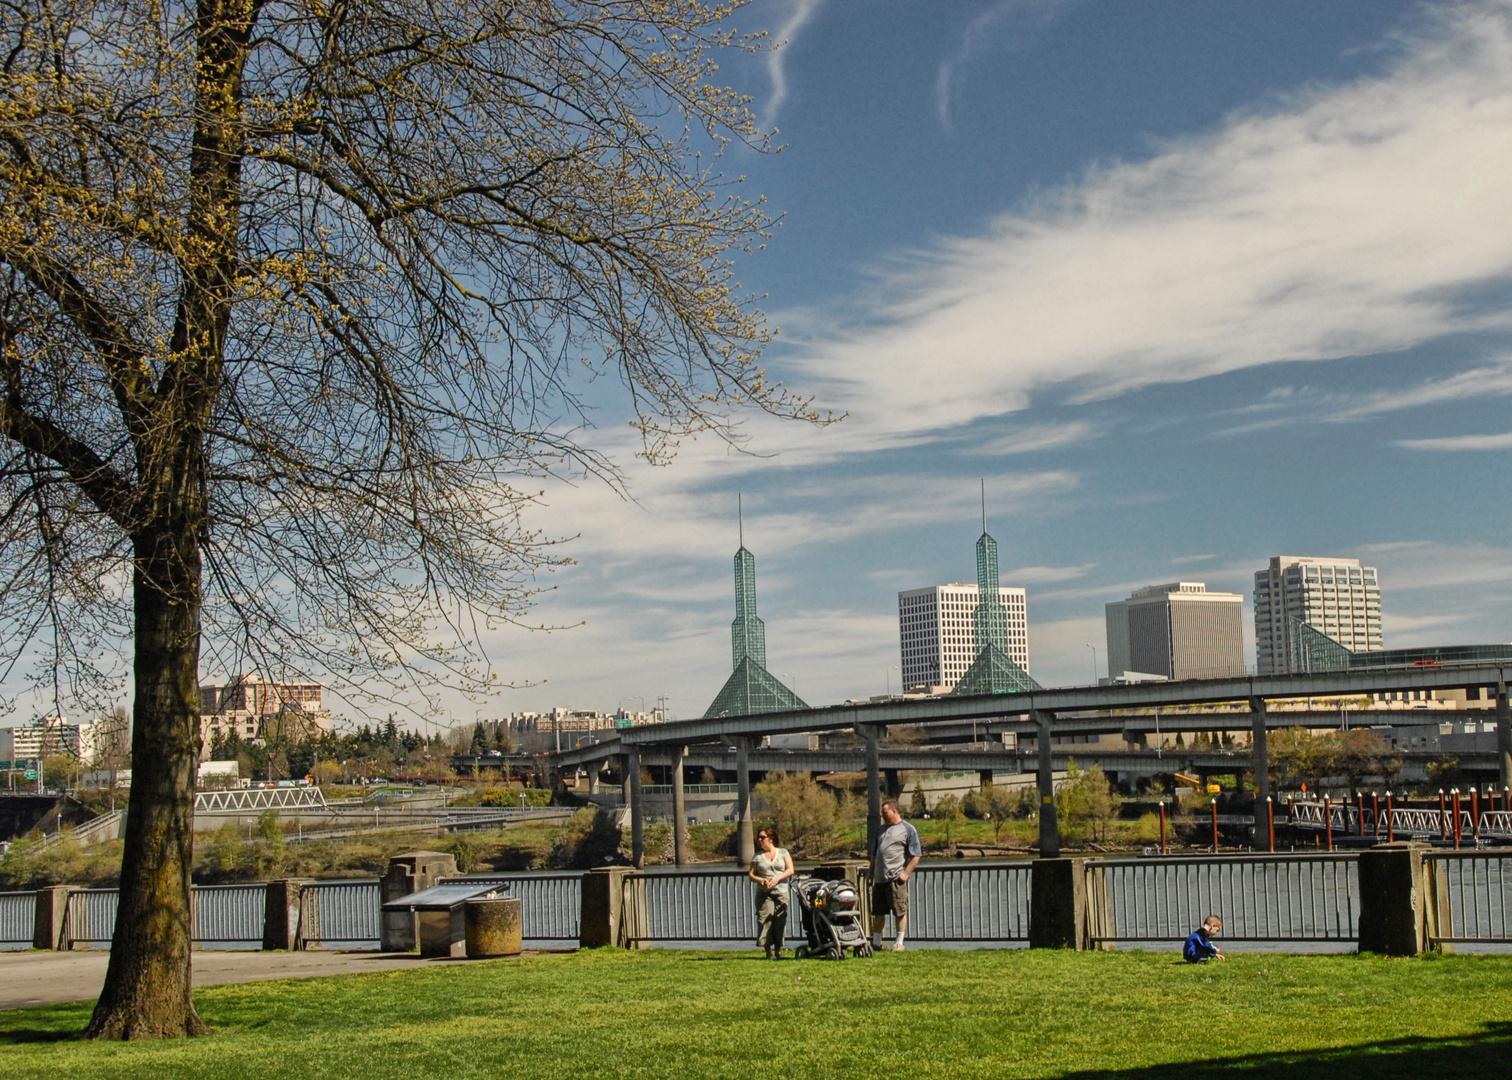 Saturday in Portland